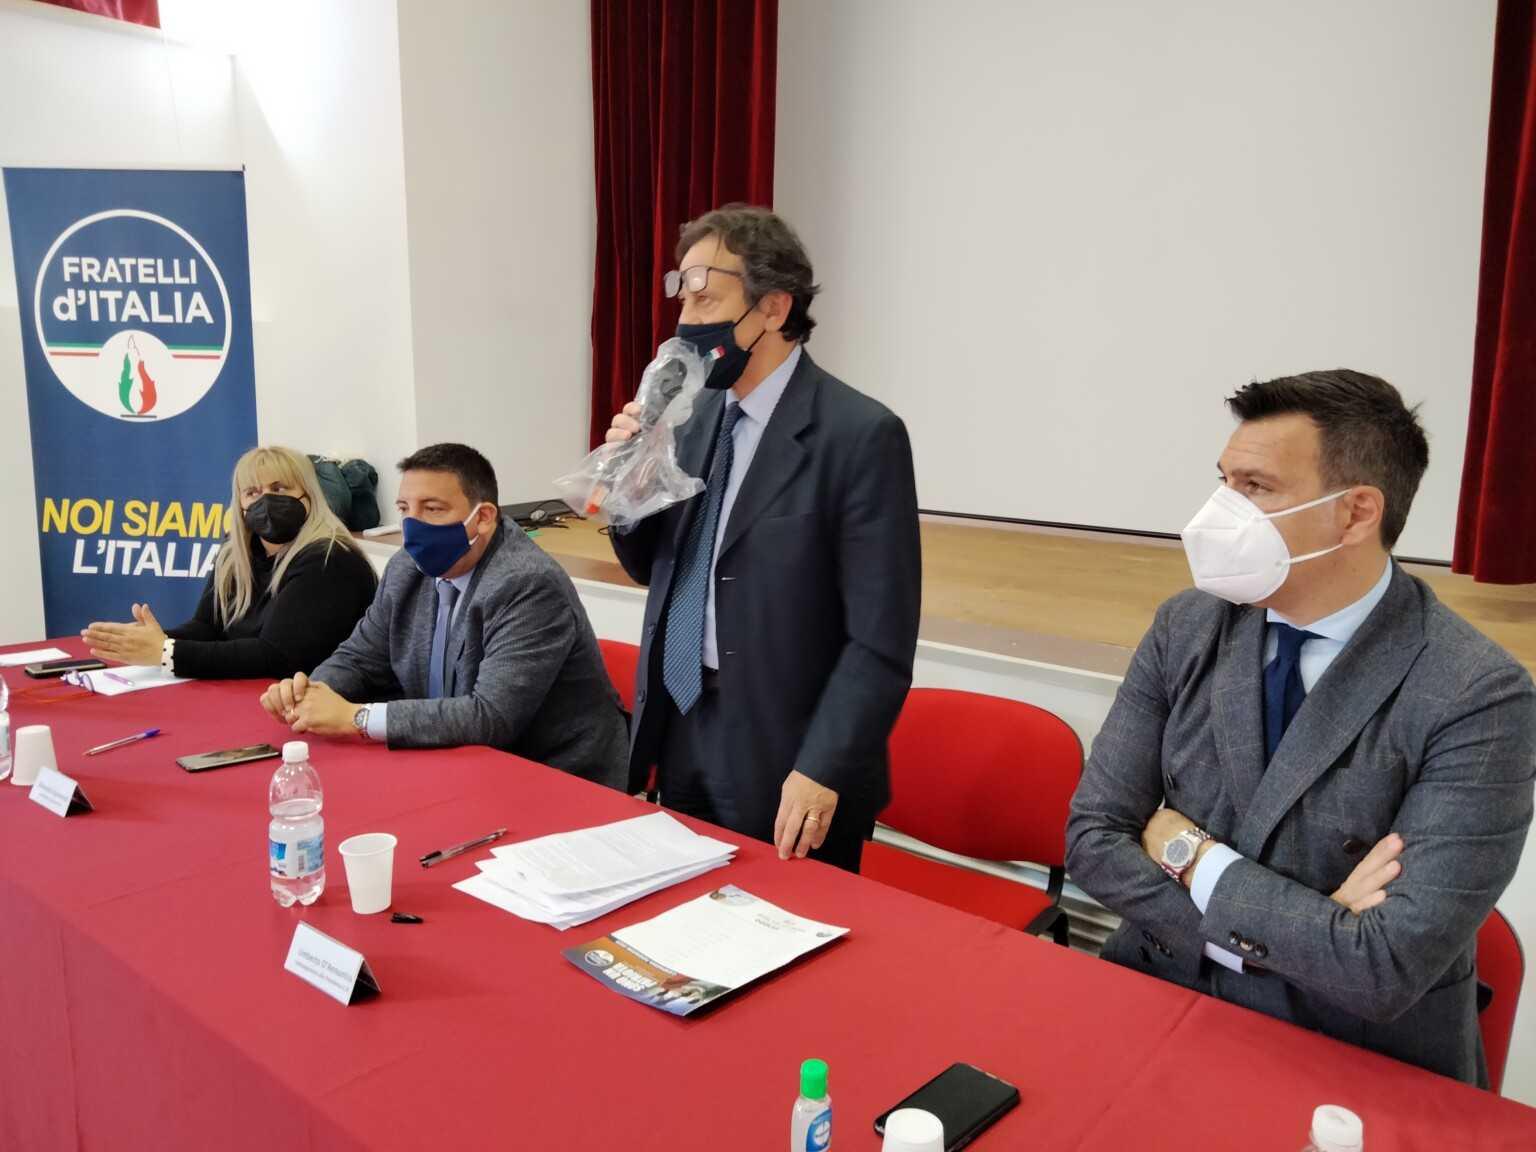 VIDEO E FOTO |Umberto D'Annuntiis entra in Fratelli d'Italia: Forza Italia non dà risposte a cittadini